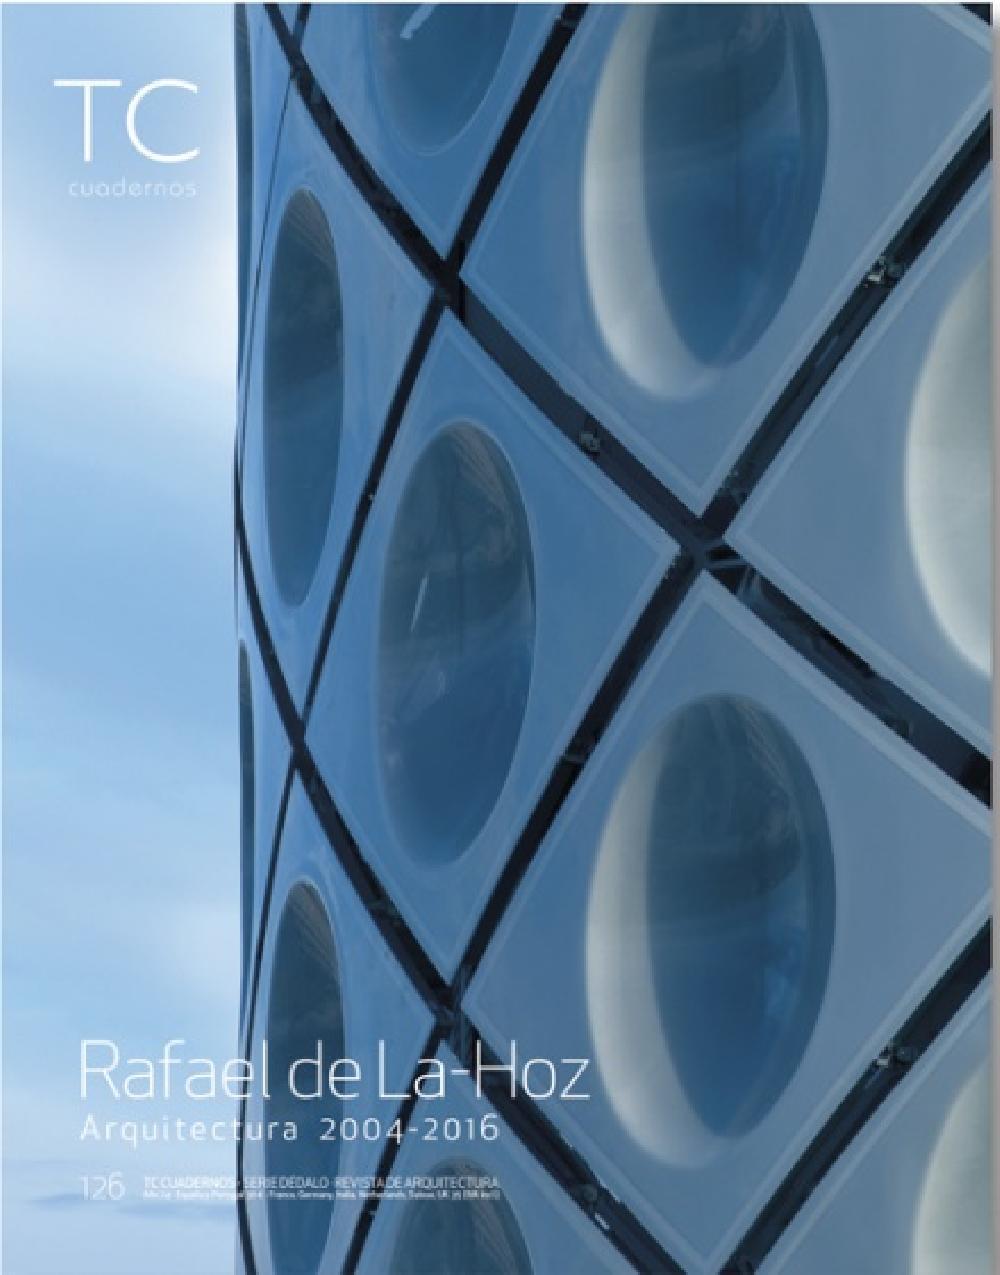 TC Cuadernos 126 Rafael de La-Hoz